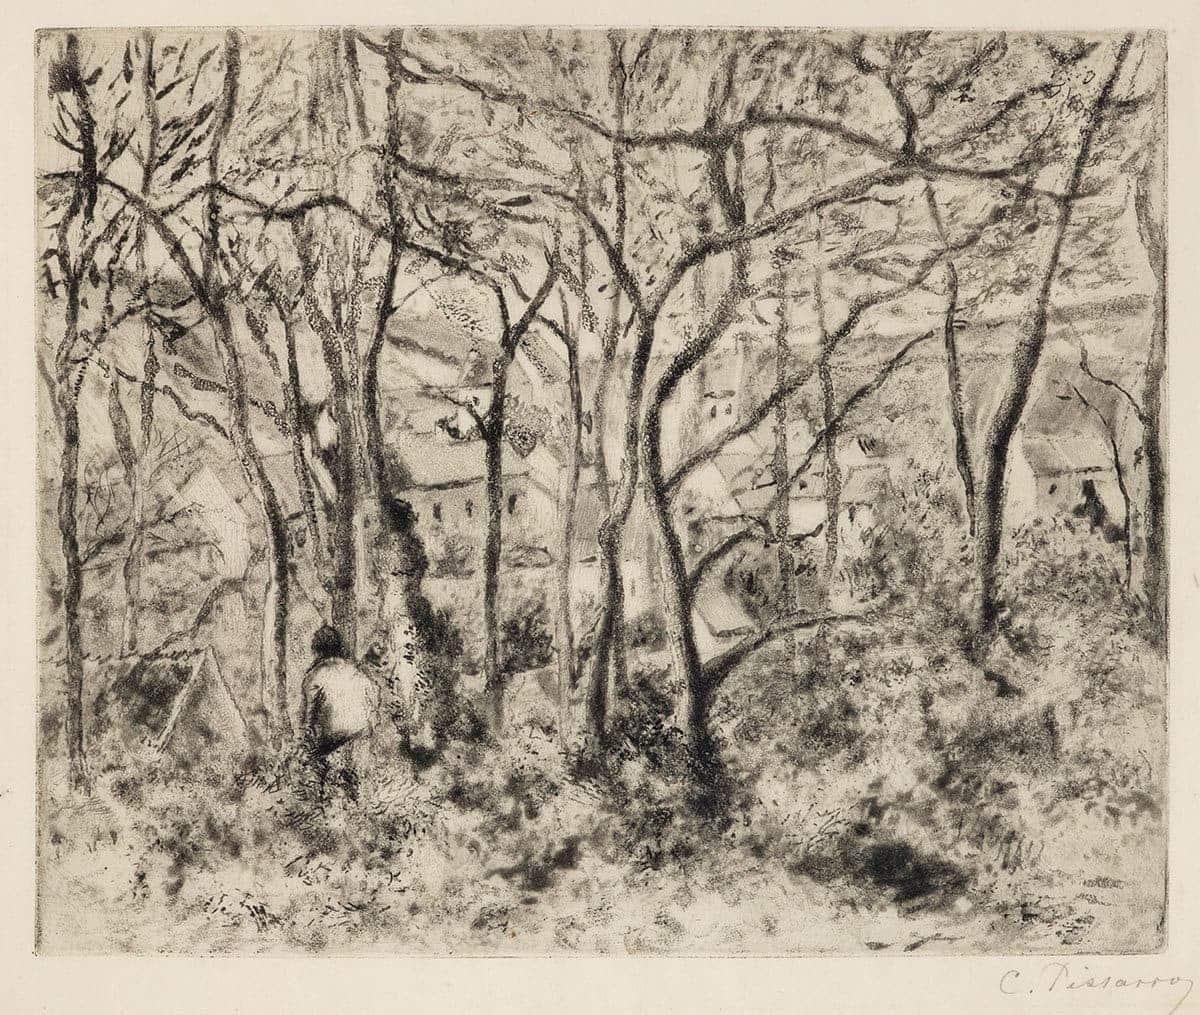 PISSARRO_Paysage sous bois,a l'Hermitage